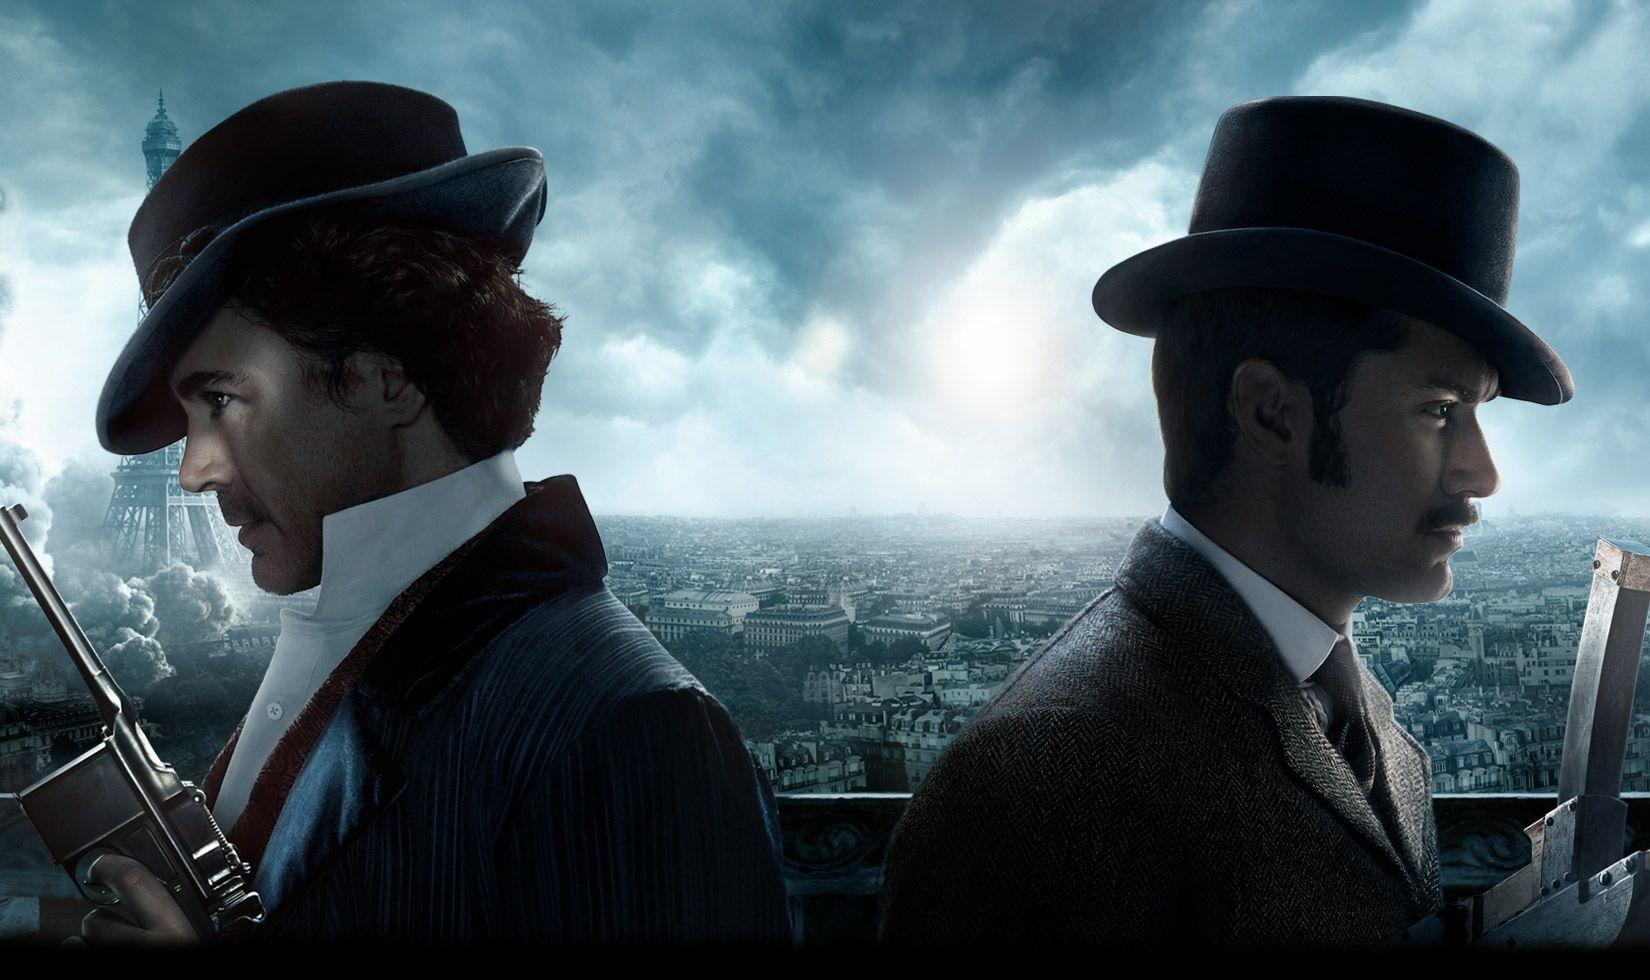 求大侦探福尔摩斯1电影完整高清影片或下载地址 求电影 大侦探福尔摩